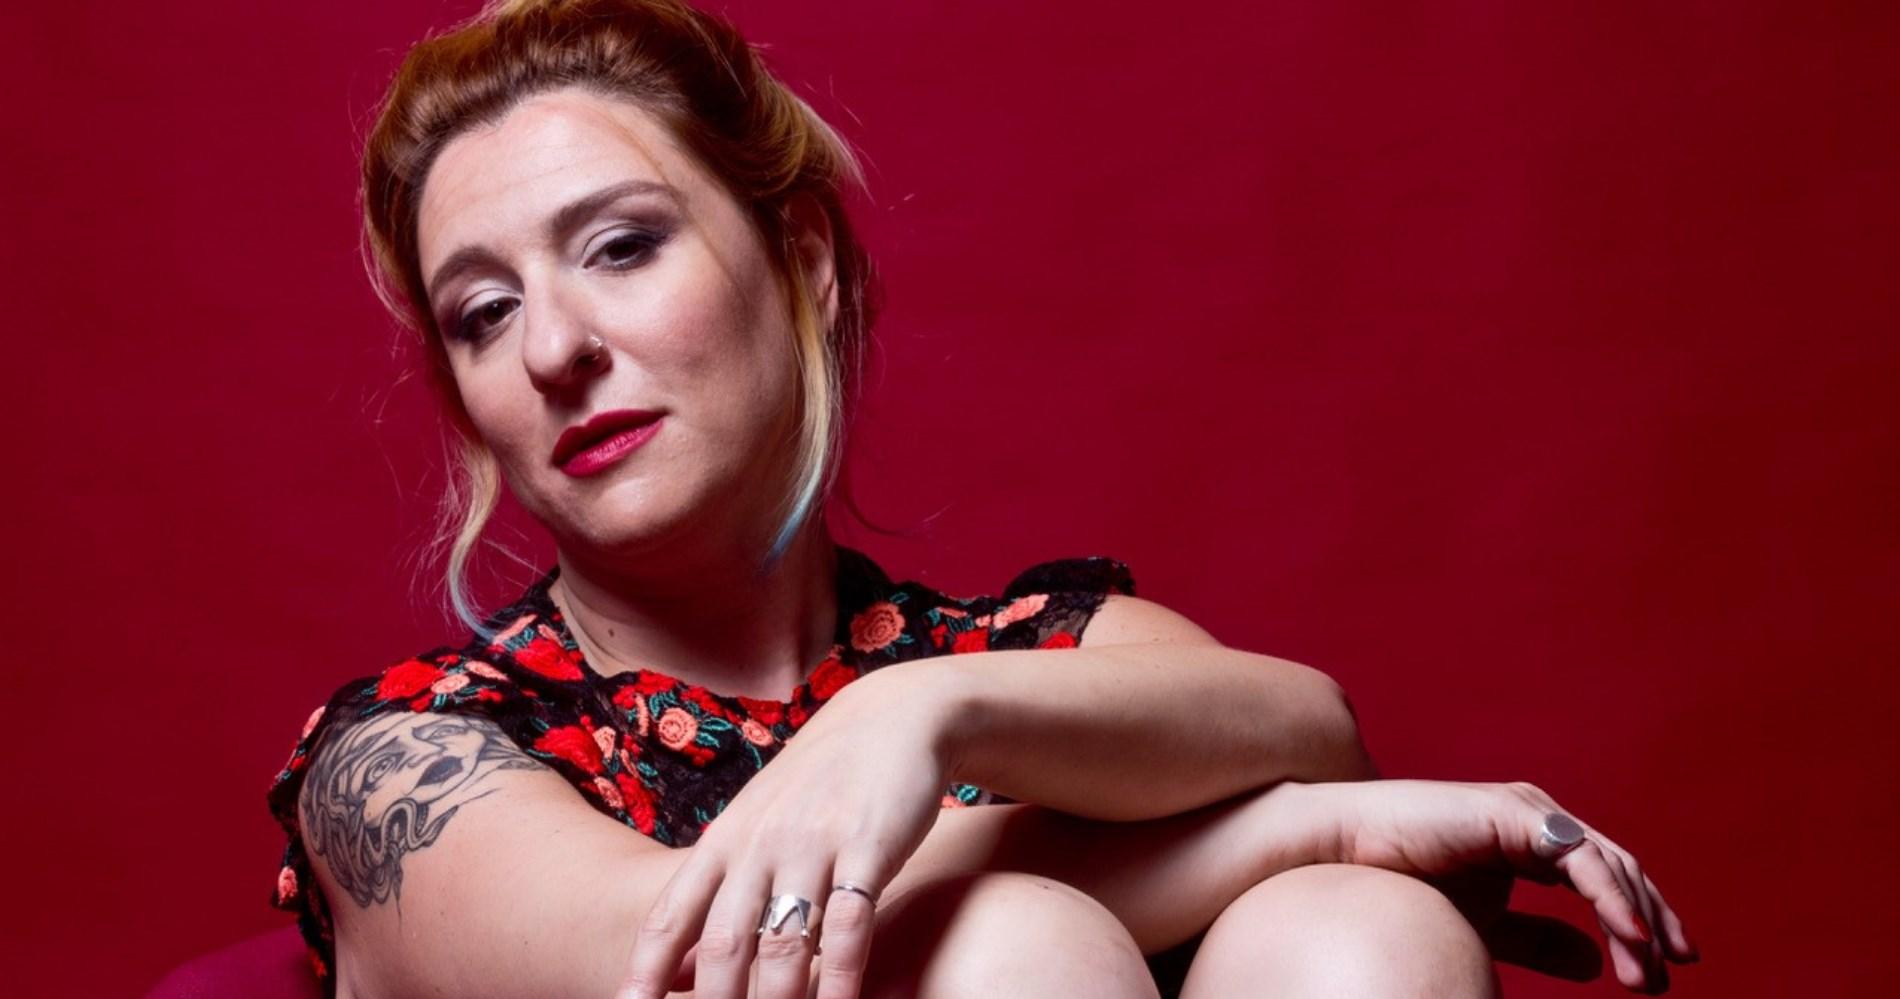 """<span class=""""entry-title-primary"""">Intervista a Licia Lanera: """"A Venezia con 'Spaccapietre'. Ripartiamo con la cultura""""</span> <span class=""""entry-subtitle"""">L'attrice presenta 'Spaccapietre', film di Gianluca e Massimiliano De Serio con Salvatore Esposito.</span>"""